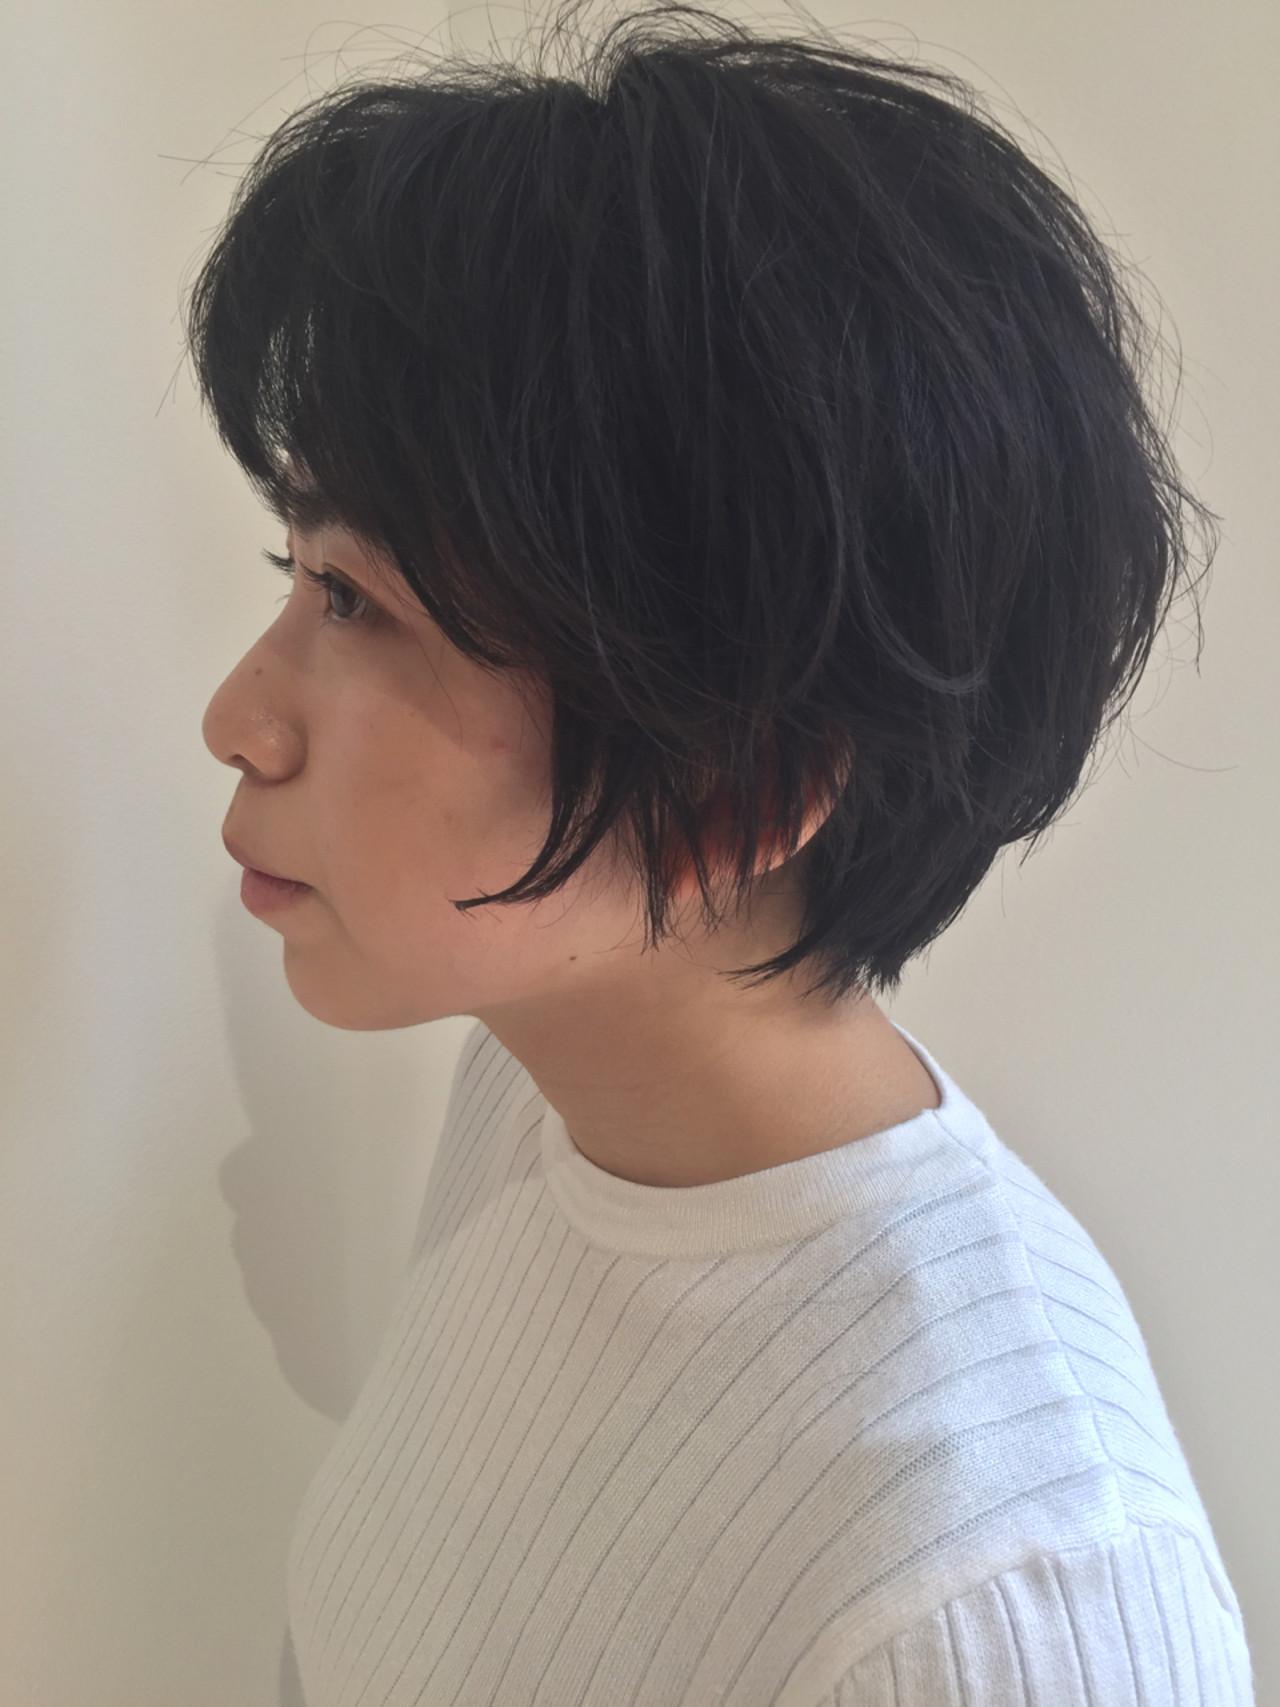 ウェーブ ナチュラル パーマ 黒髪 ヘアスタイルや髪型の写真・画像